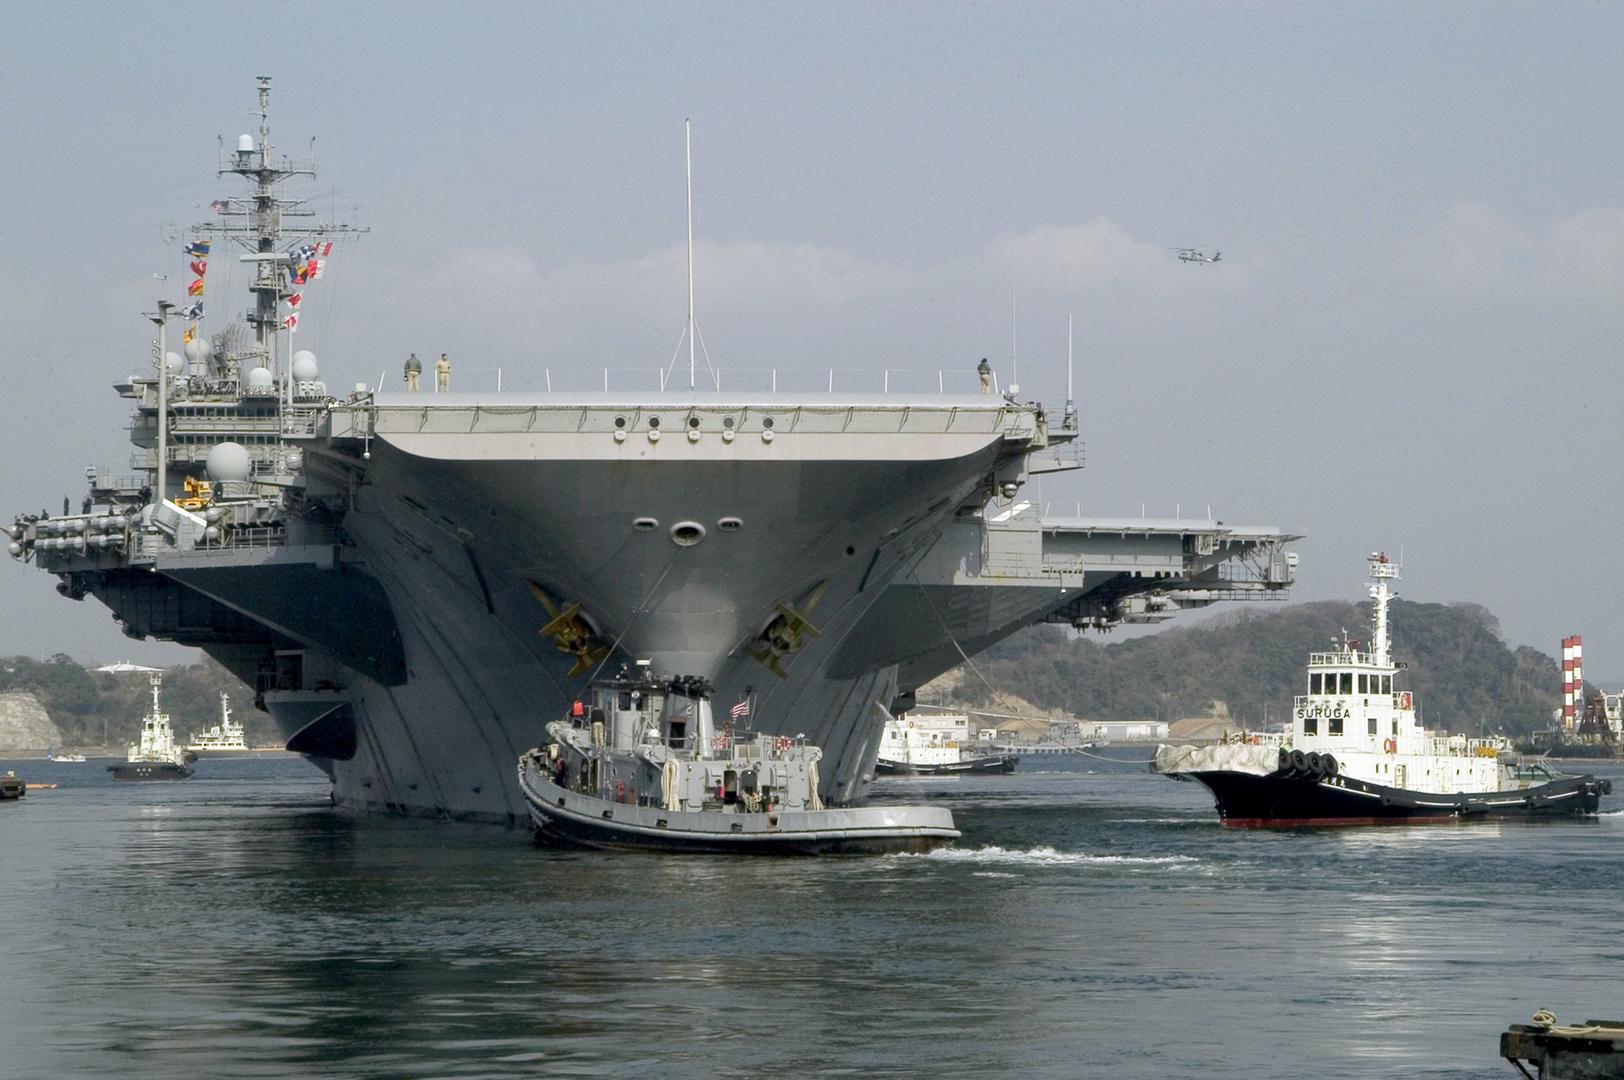 مدمرة أمريكية في المحيط الهادئ